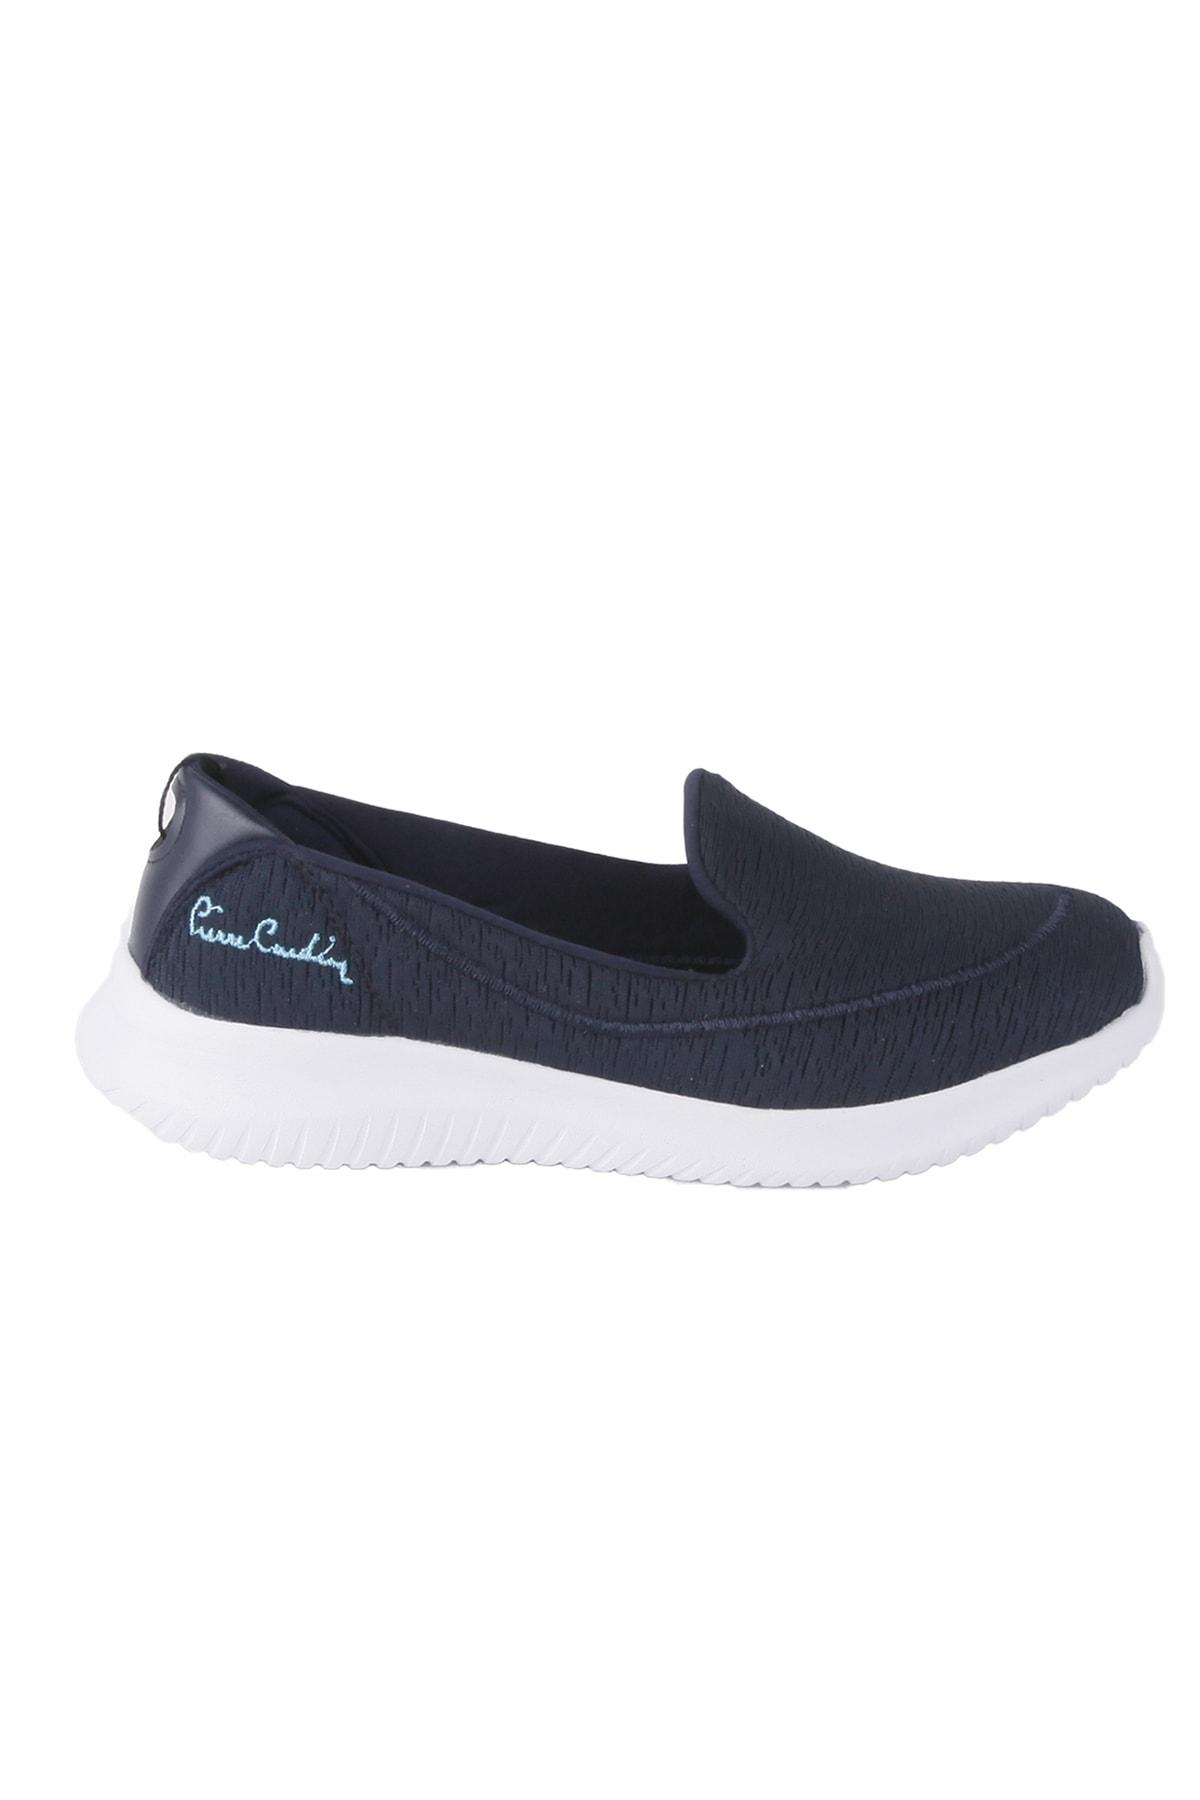 Pierre Cardin Kadın Spor Ayakkabı PC-30168 Lacivert/Navy 20S04PC30168